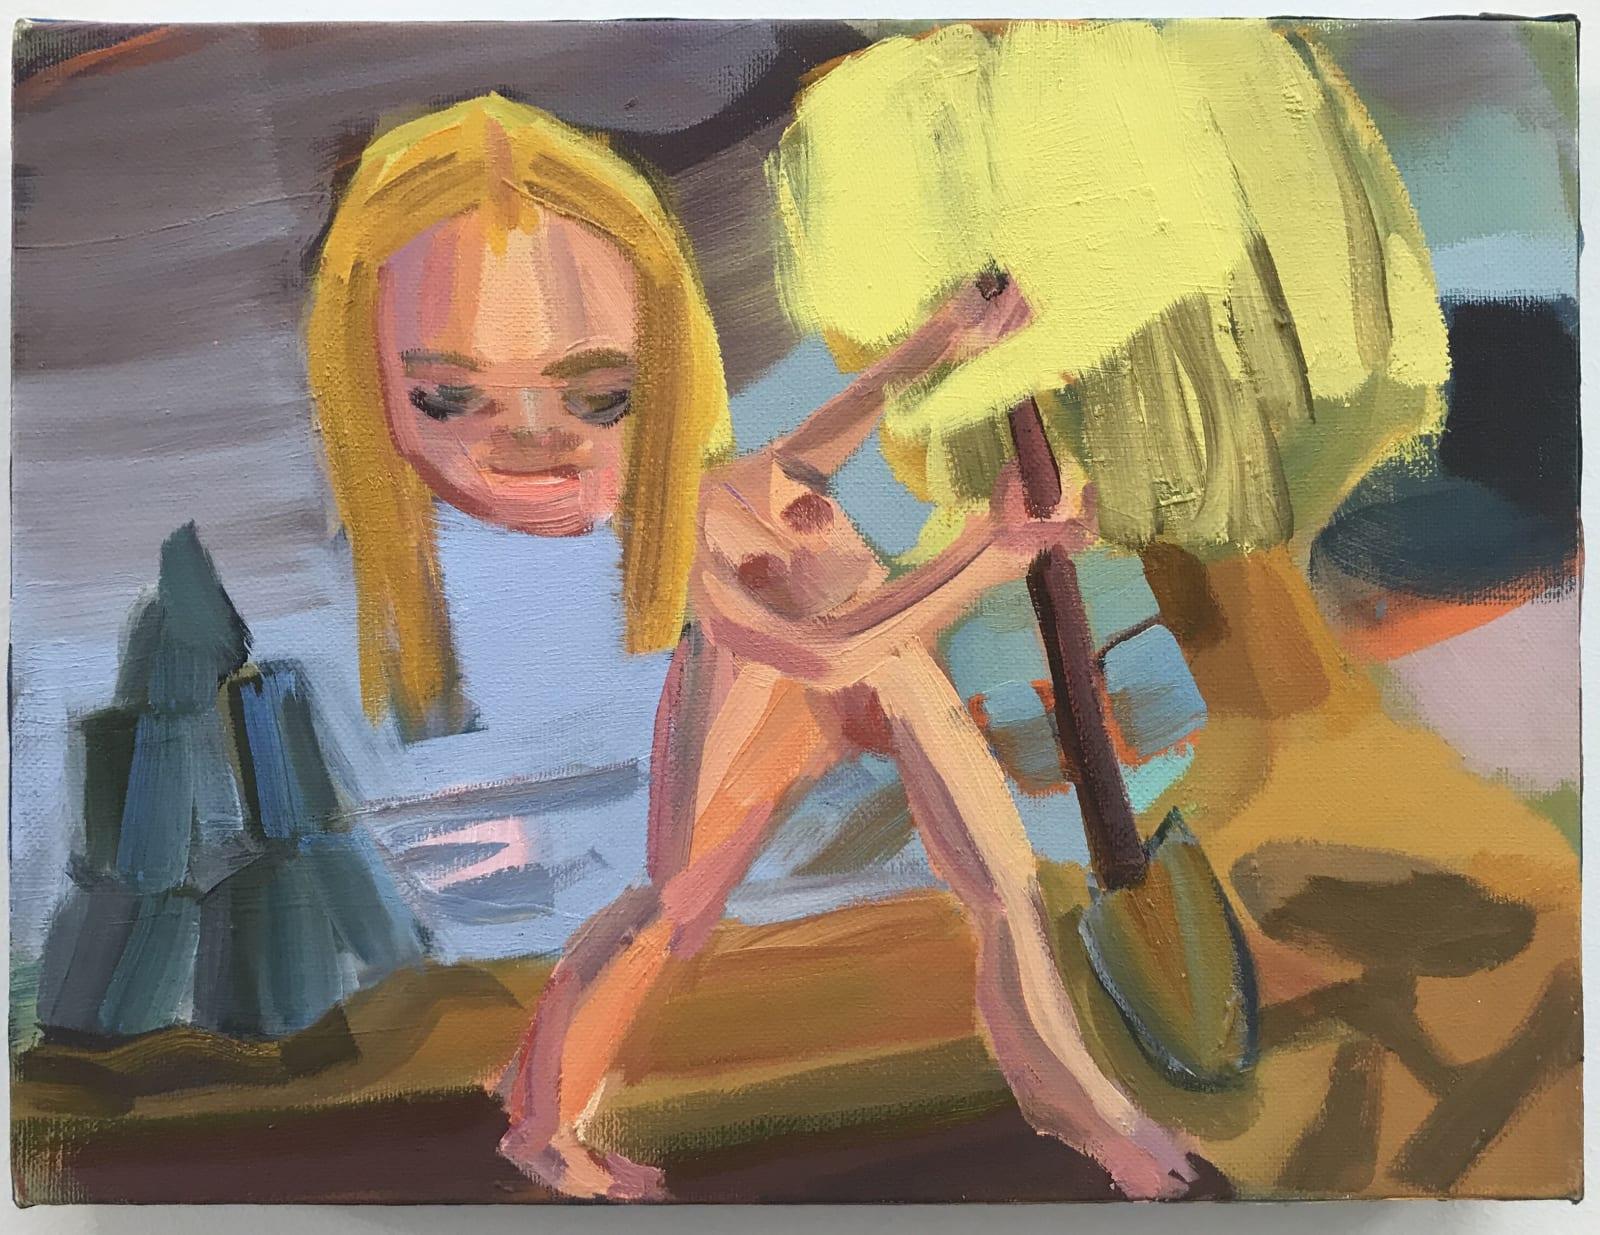 Judith Linhares Study for the Dig, 2018